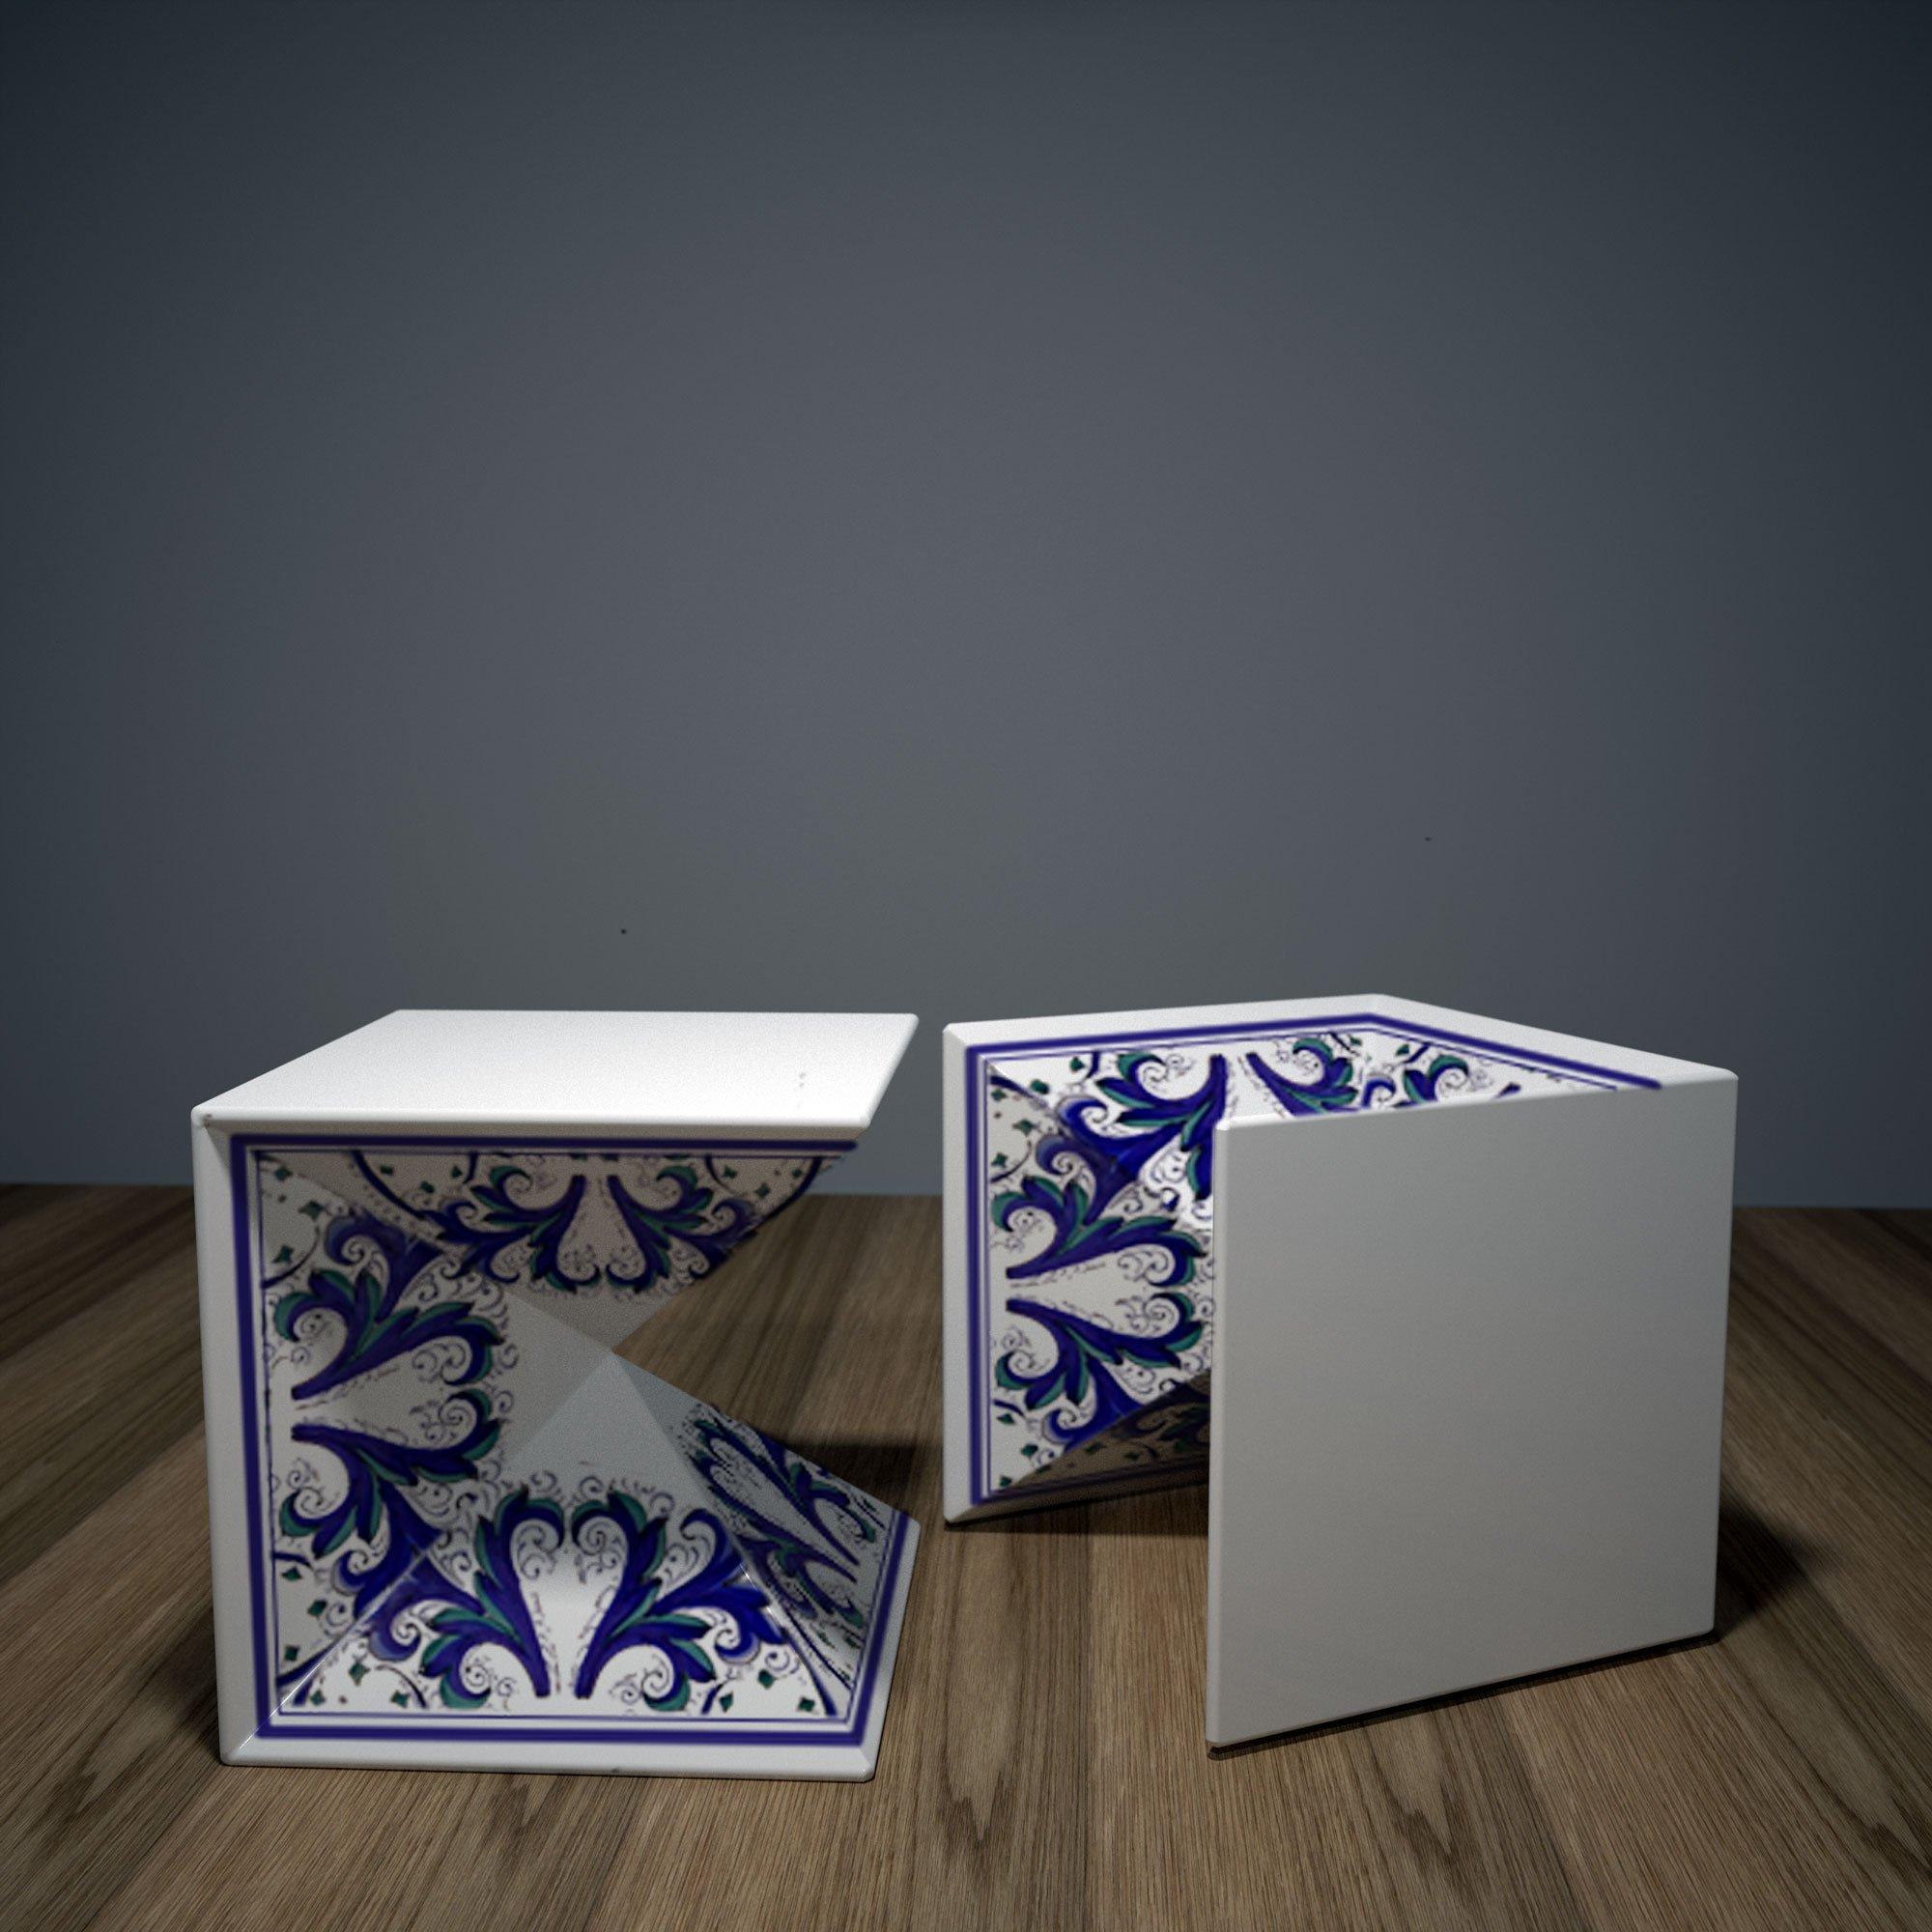 qbico-1+1-ceramic-marcellocannarsa-product-designer